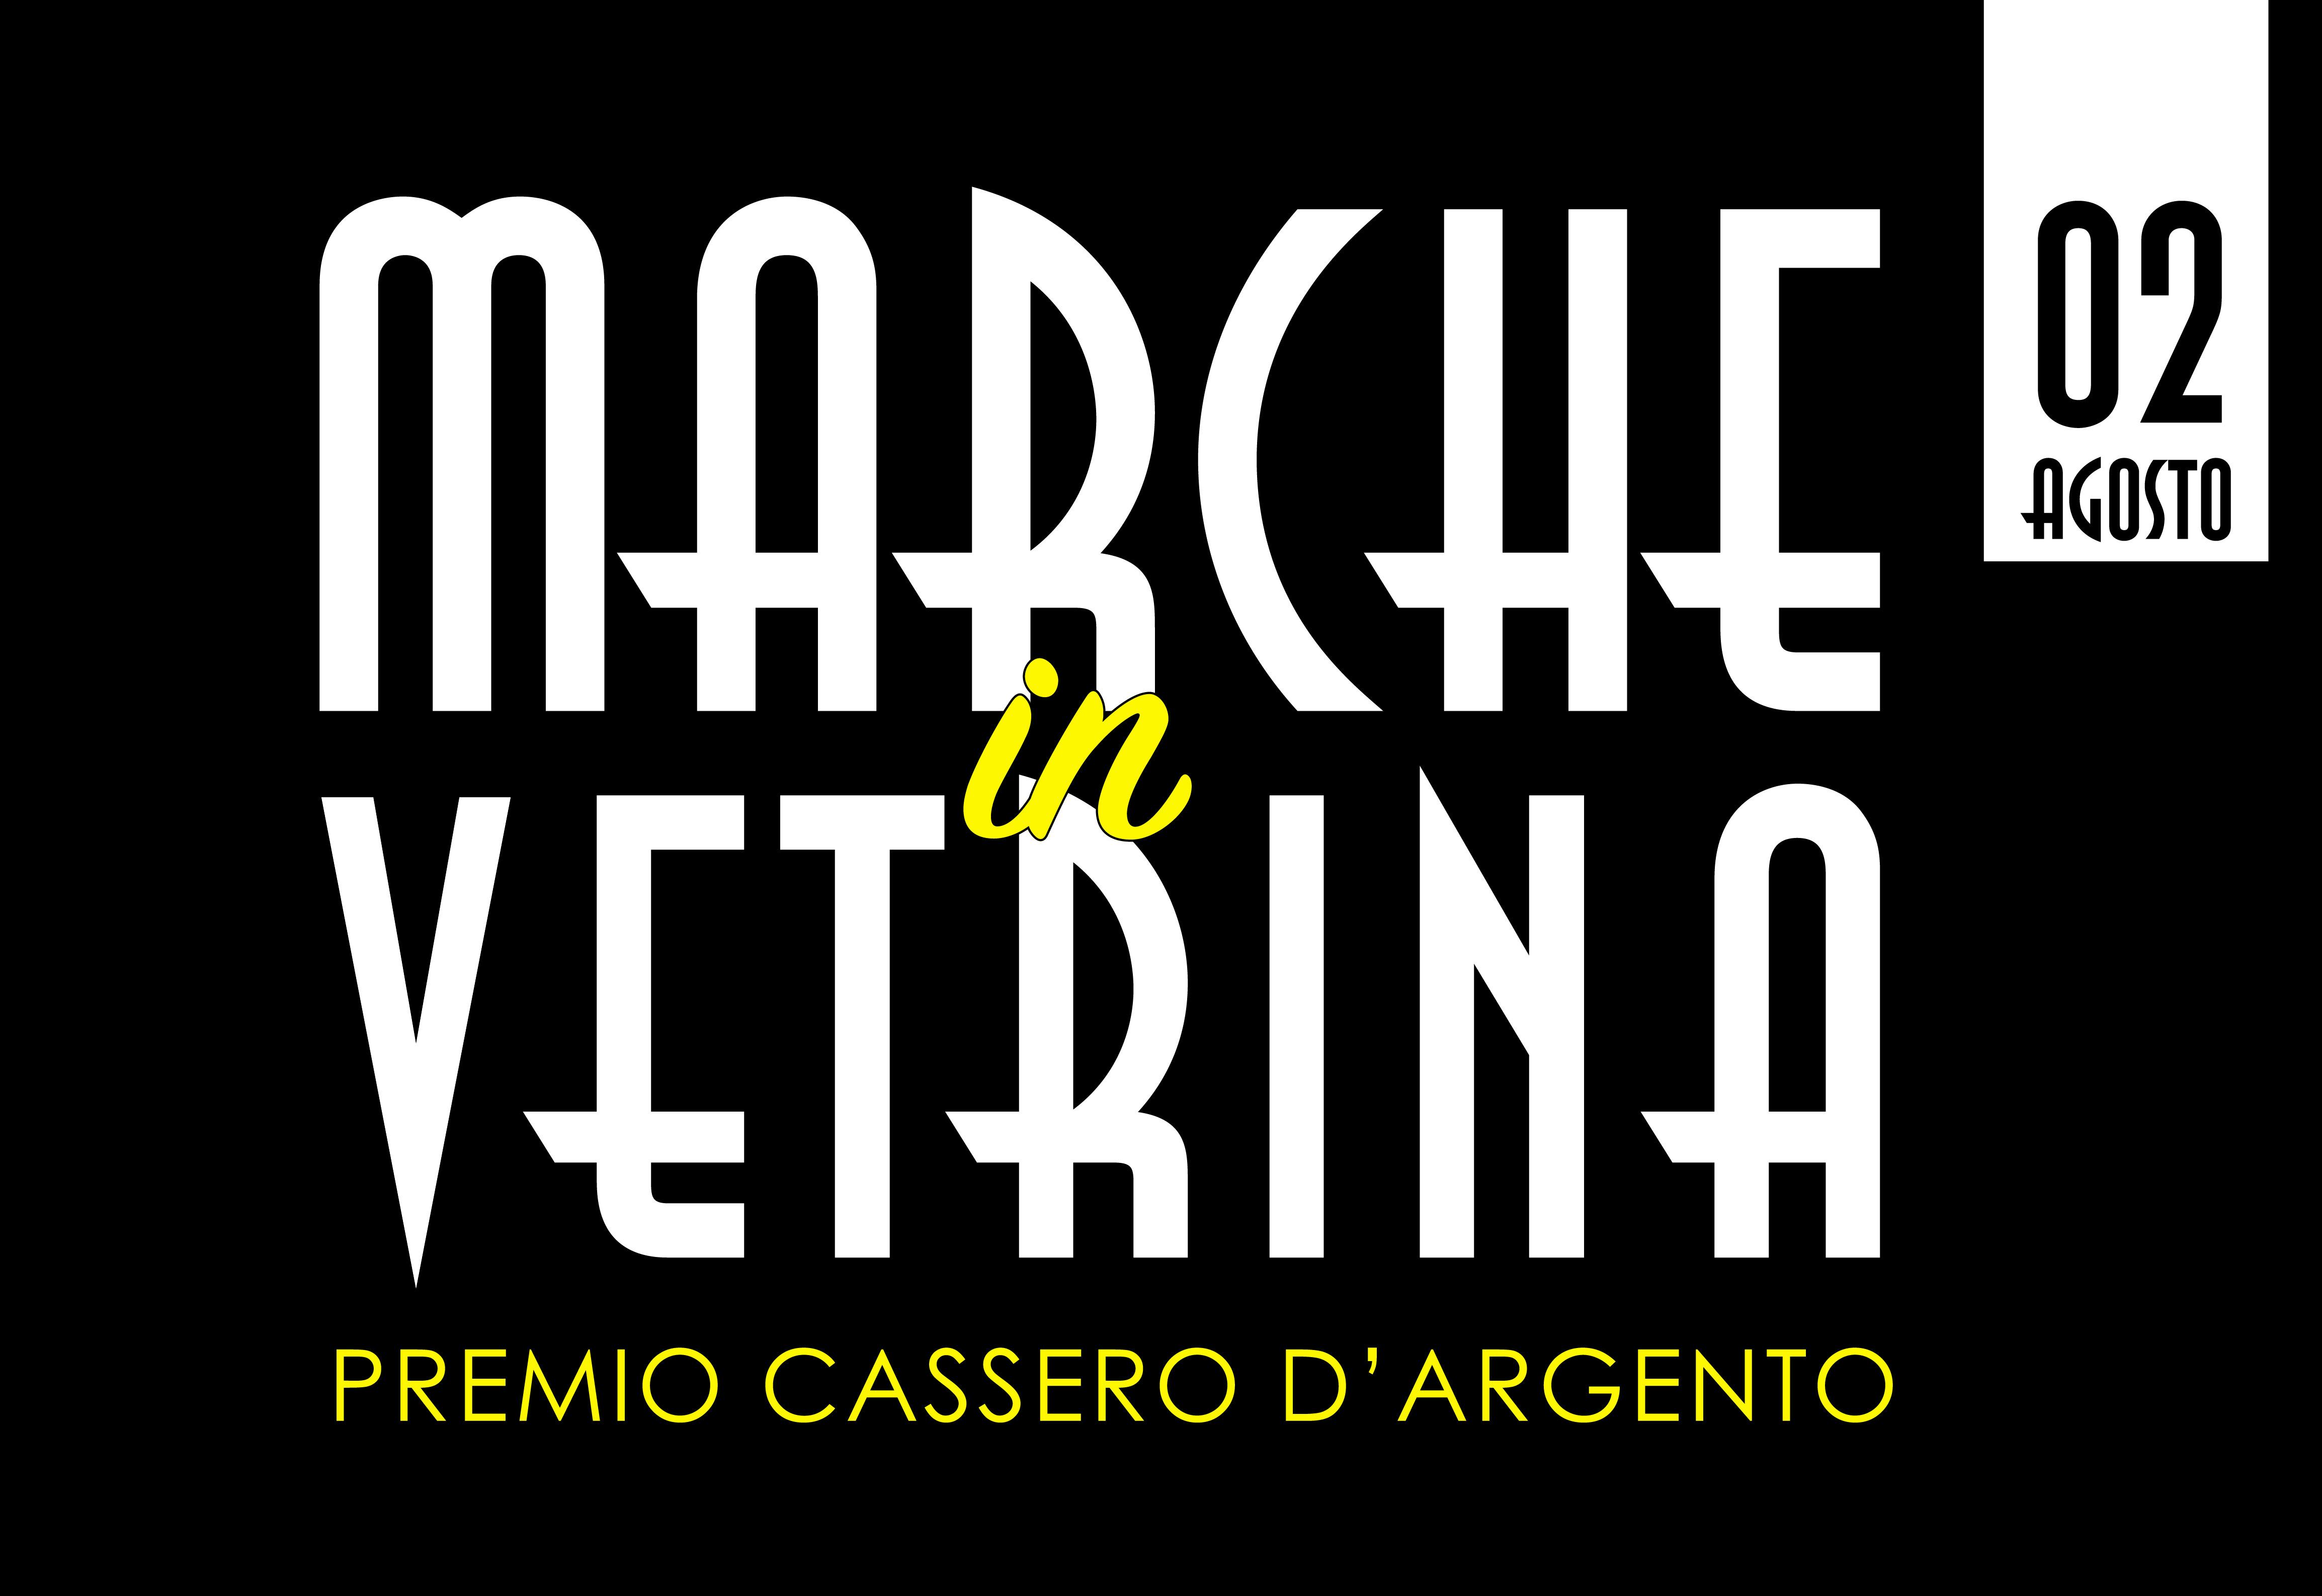 Marche in Vetrina: Prosilas tra i premiati con il Cassero d'Argento